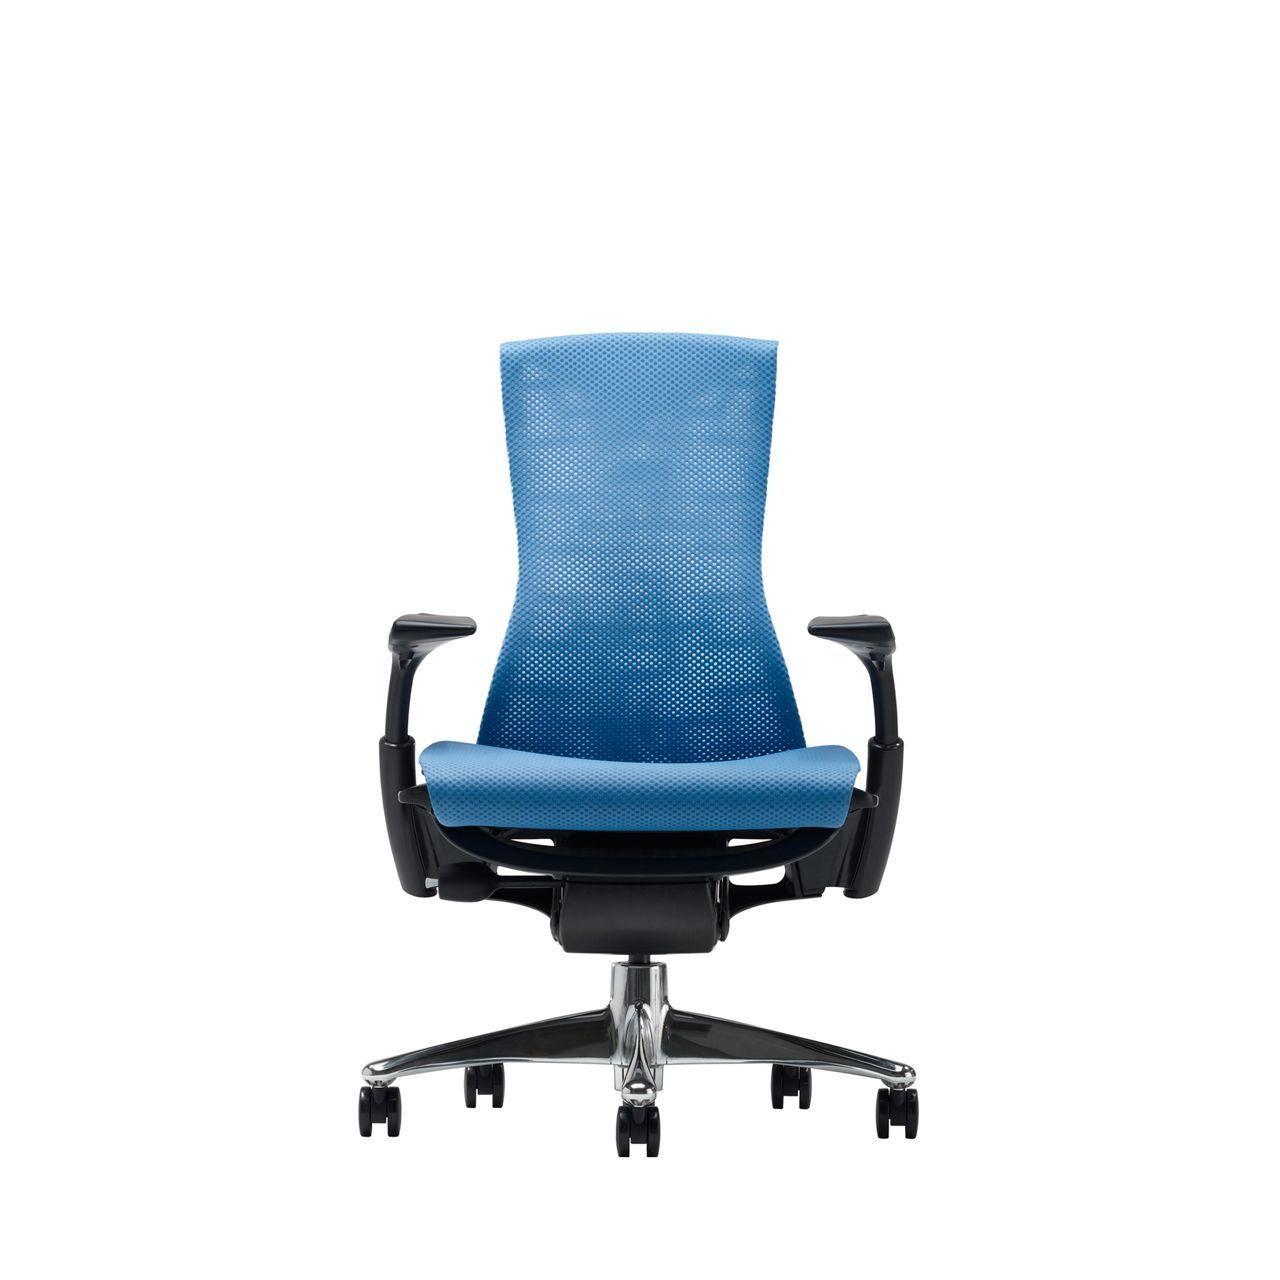 herman-miller-embody-ergonomische-bureaustoel-STKAHMEMB01